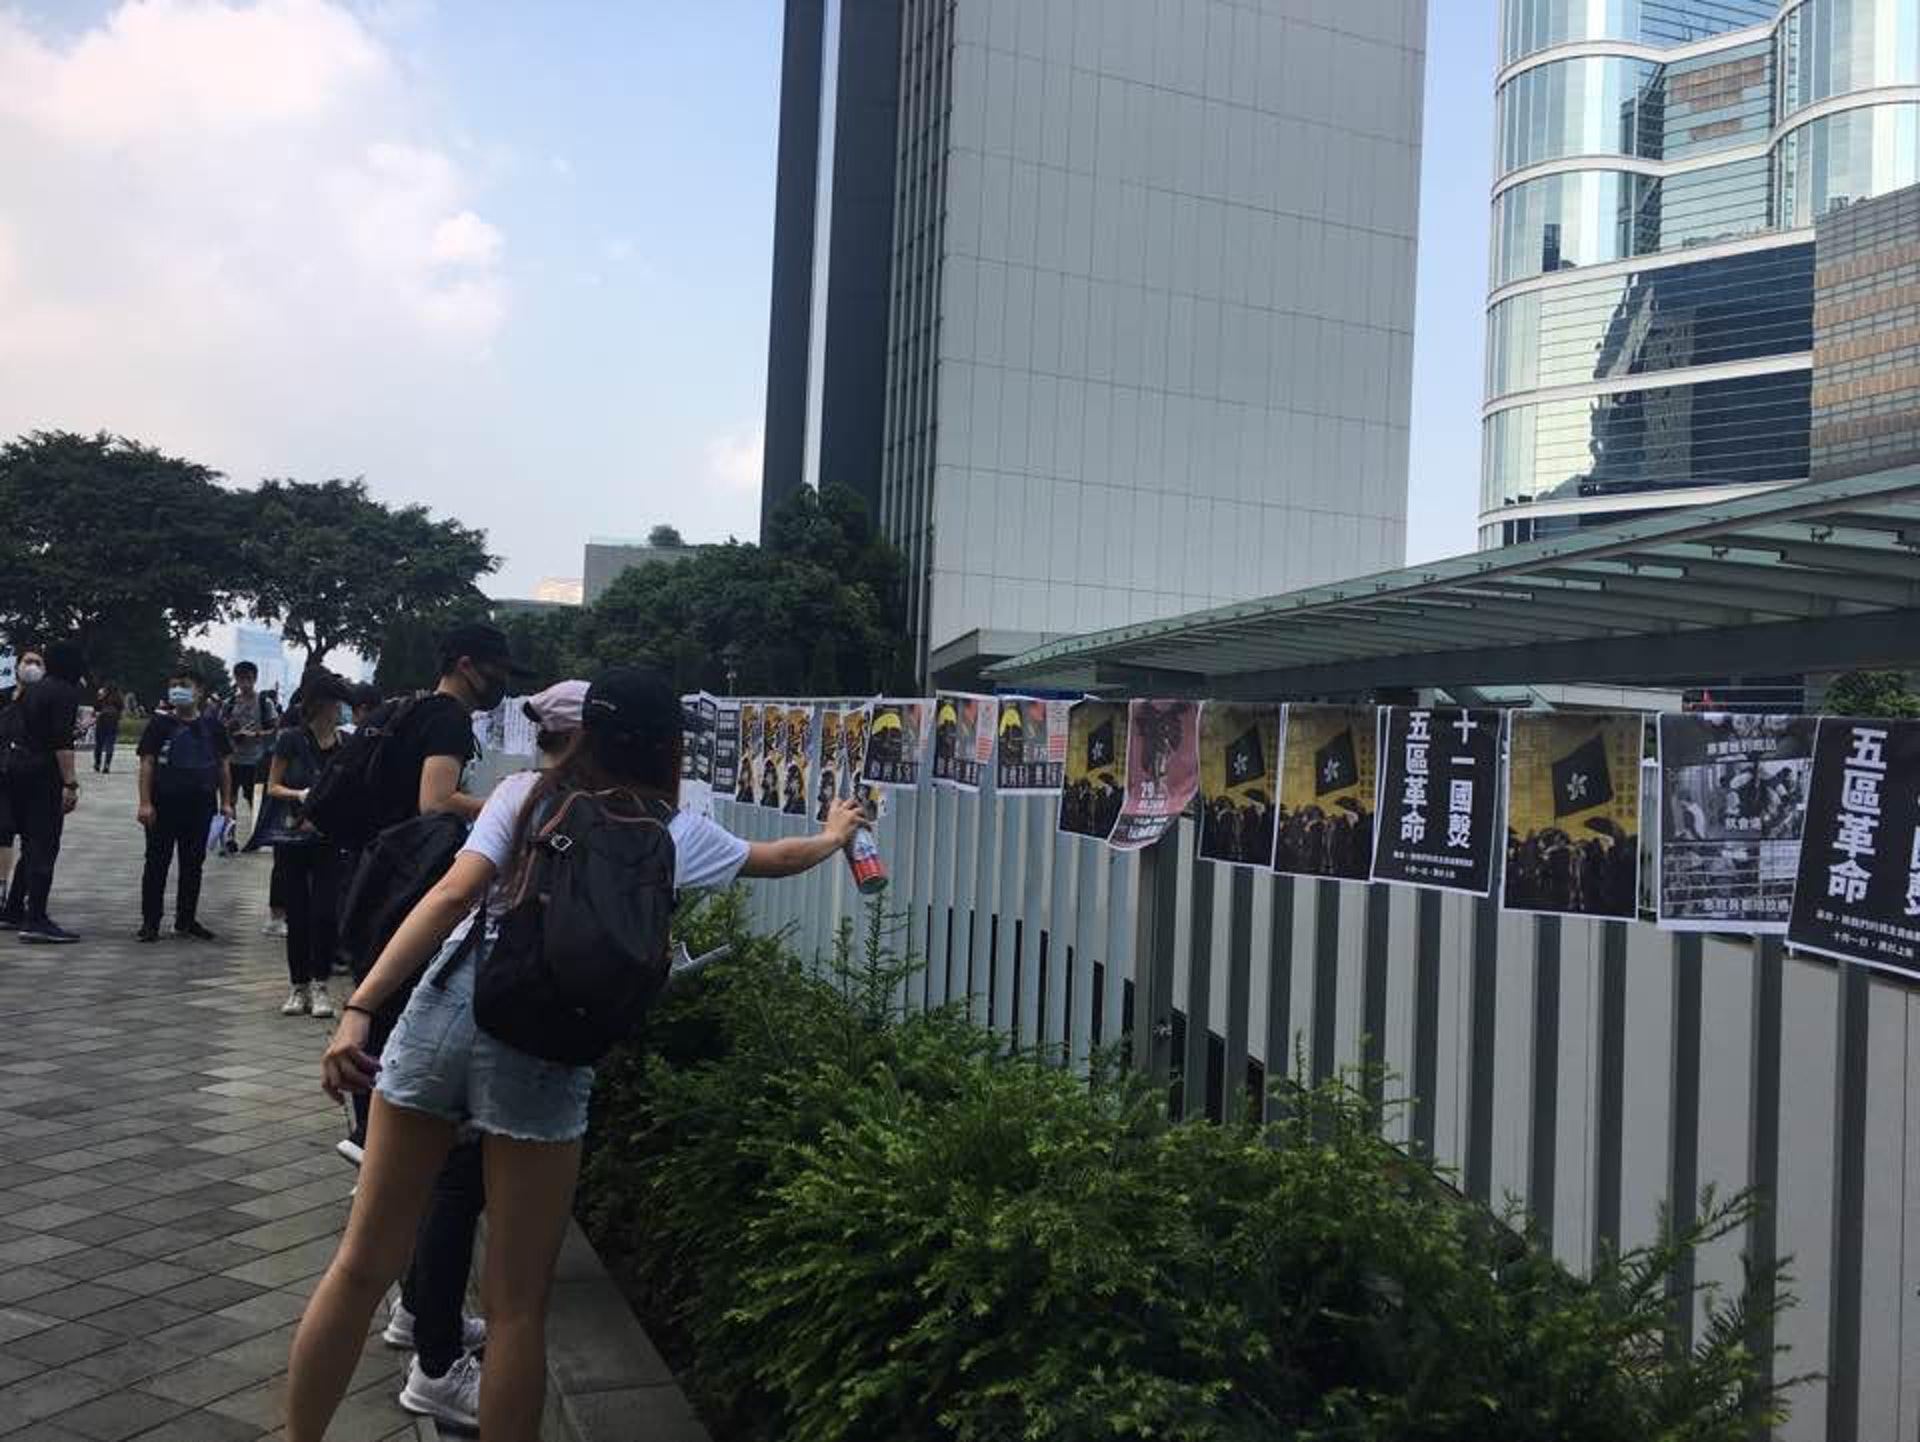 下午3時許,已有年輕人在金鐘一帶貼上宣傳海報。(李偉欣攝)